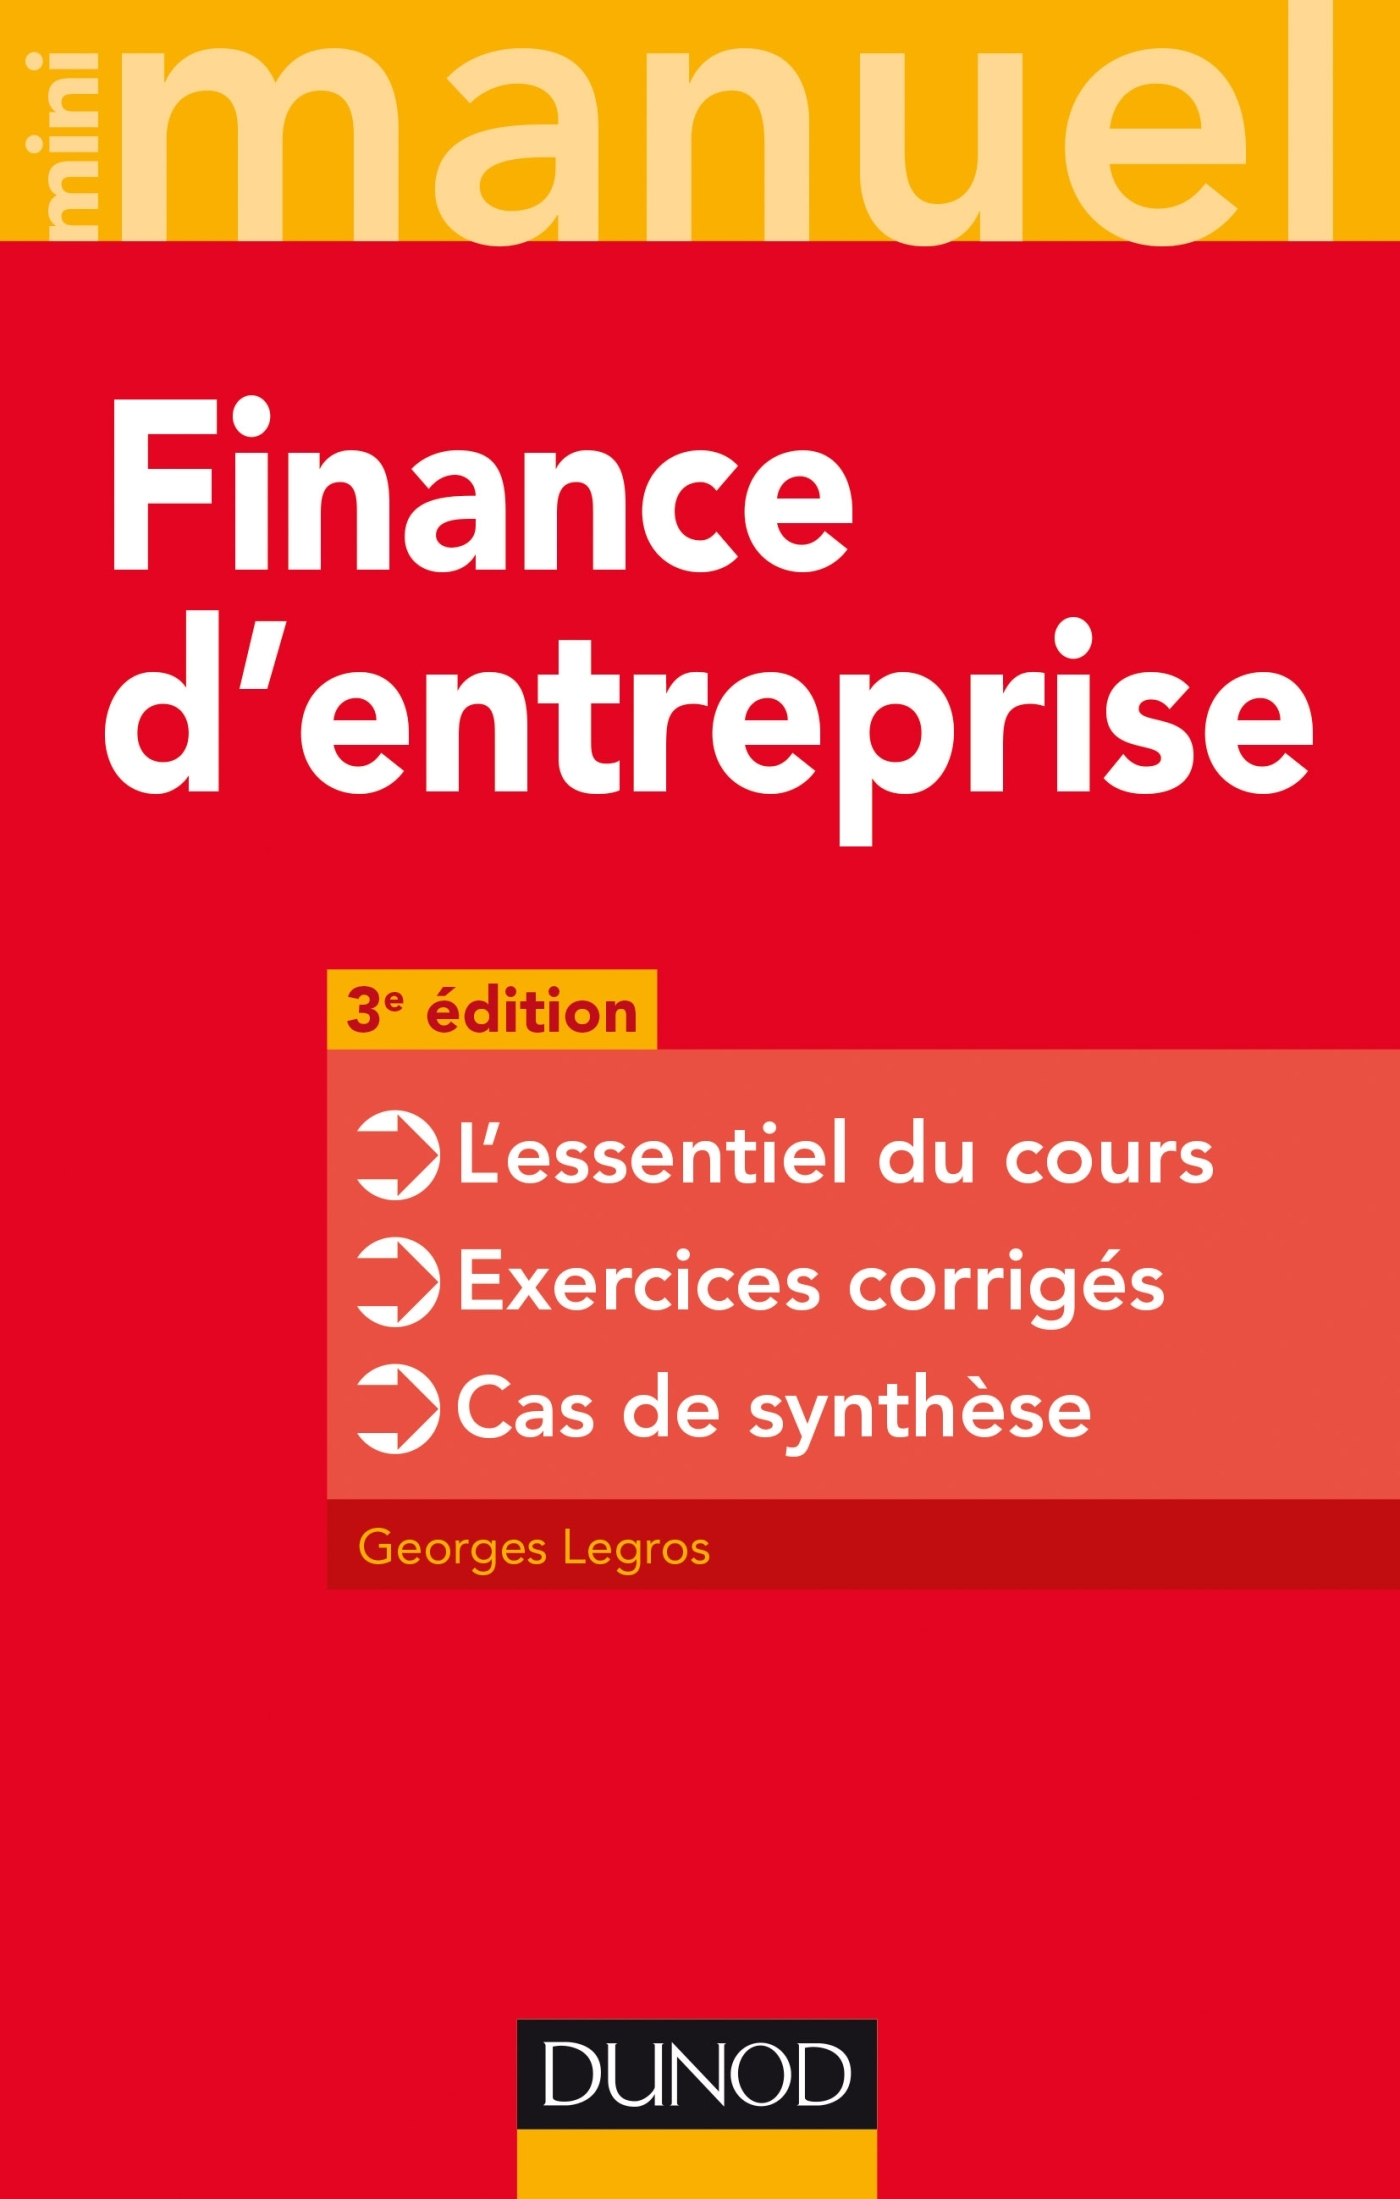 FINANCE D'ENTREPRISE - 3E ED. - L'ESSENTIEL DU COURS - EXERCICES CORRIGES - CAS DE SYNTHESE